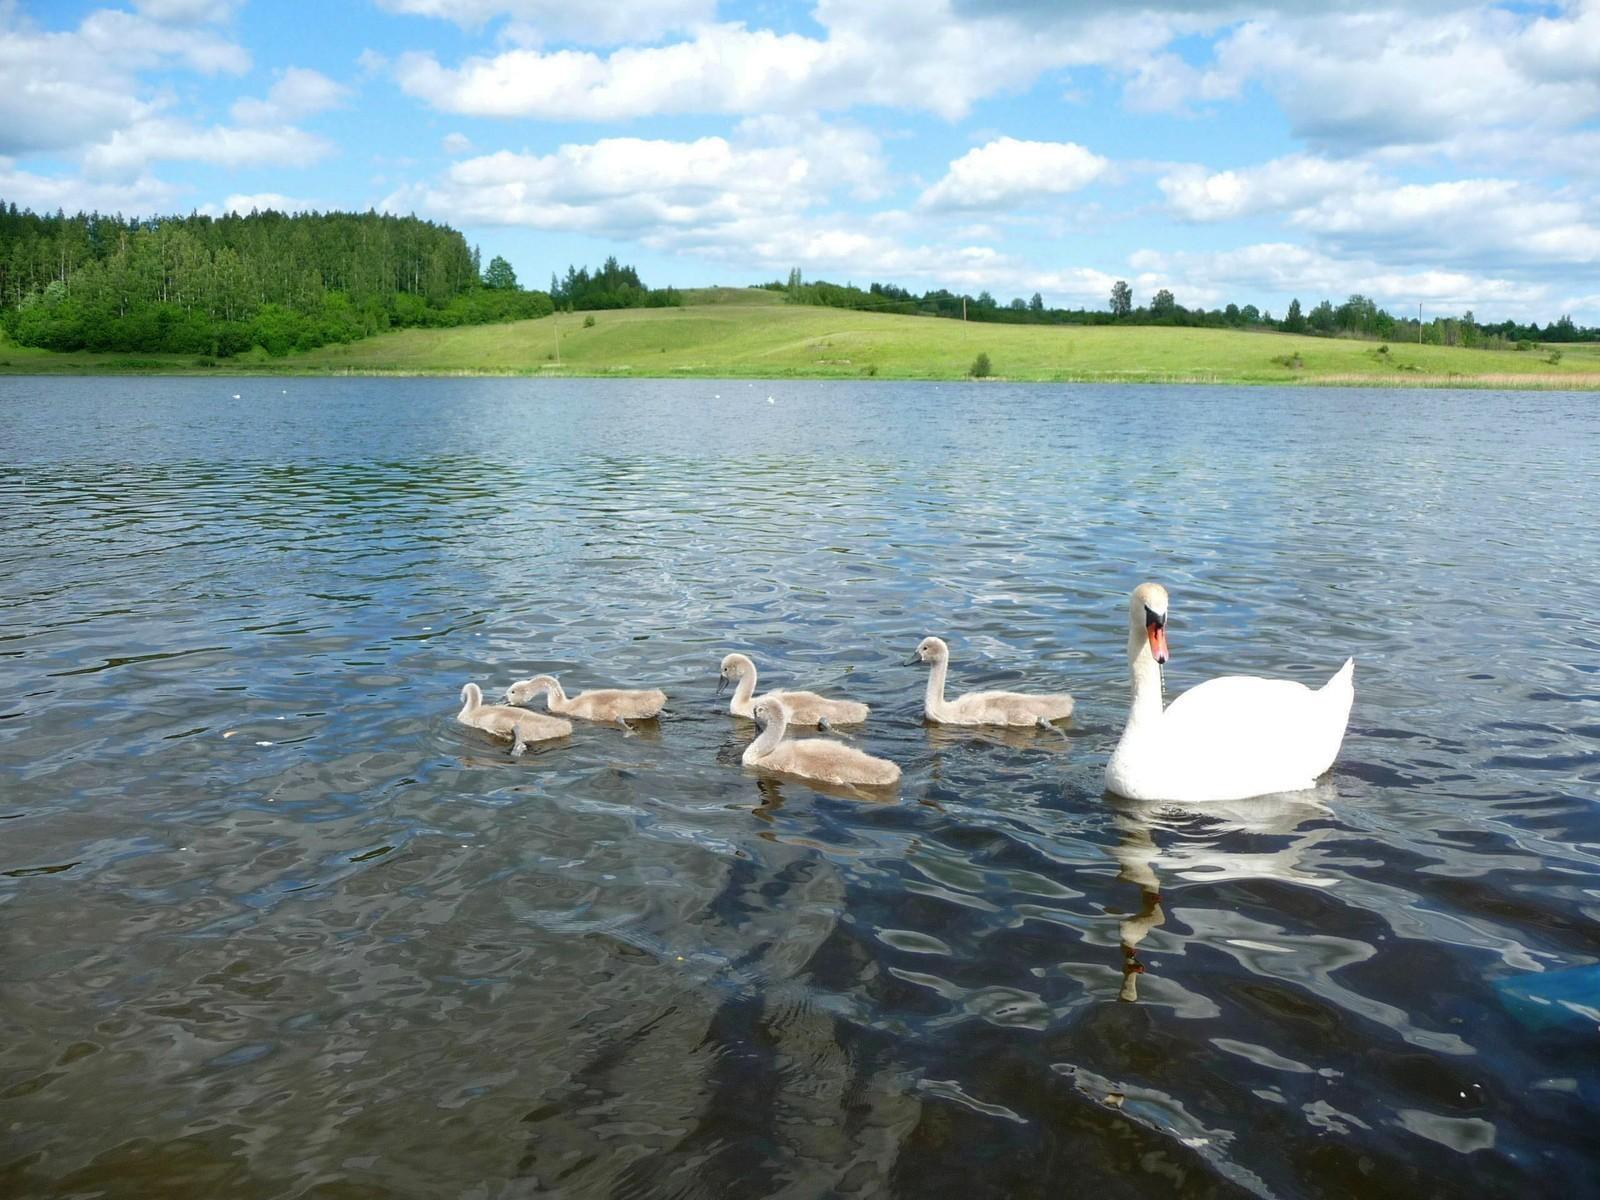 природа река деревья облака лебедь животные скачать